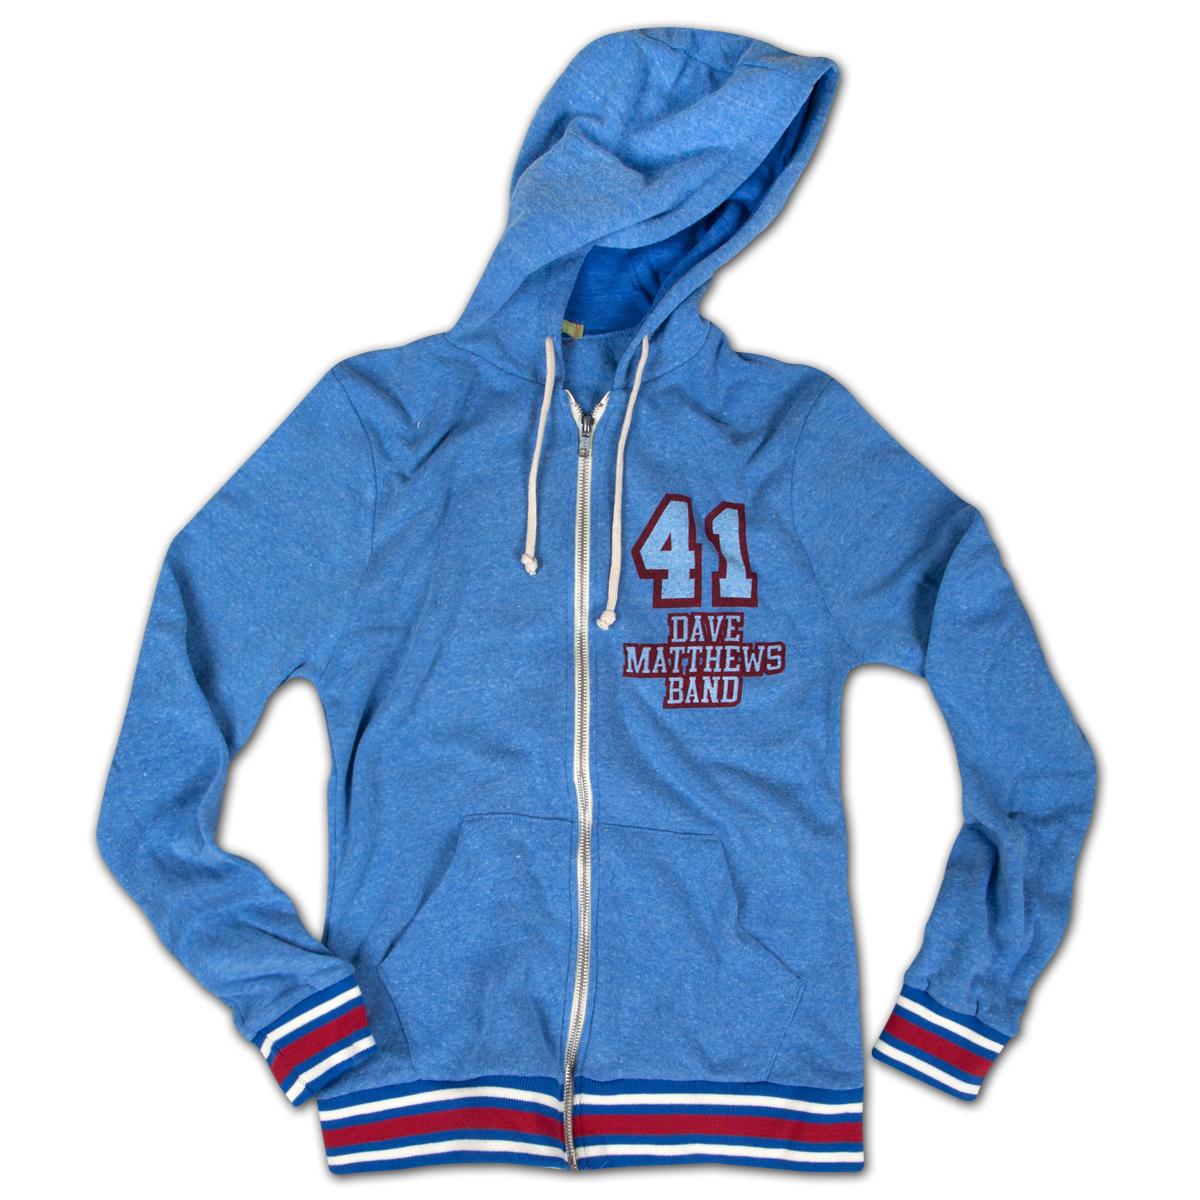 DMB #41 Vintage Sports Hoodie